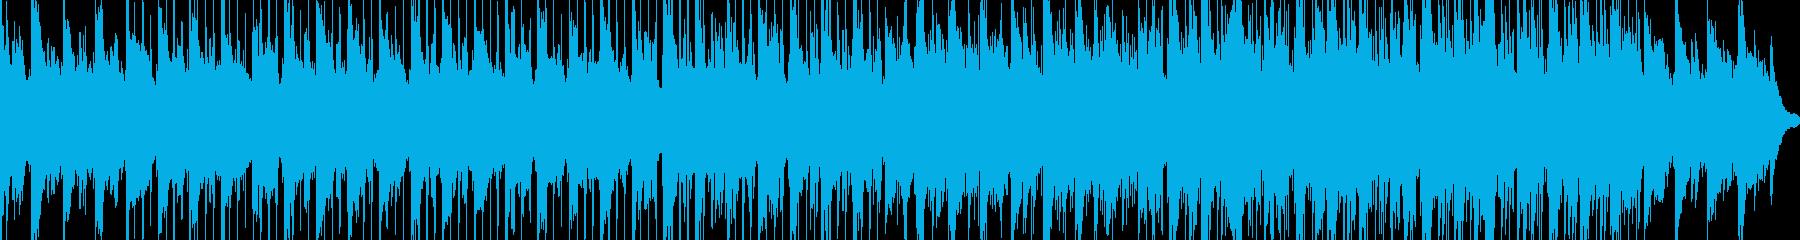 アンビエント 未来の技術 企業イメ...の再生済みの波形